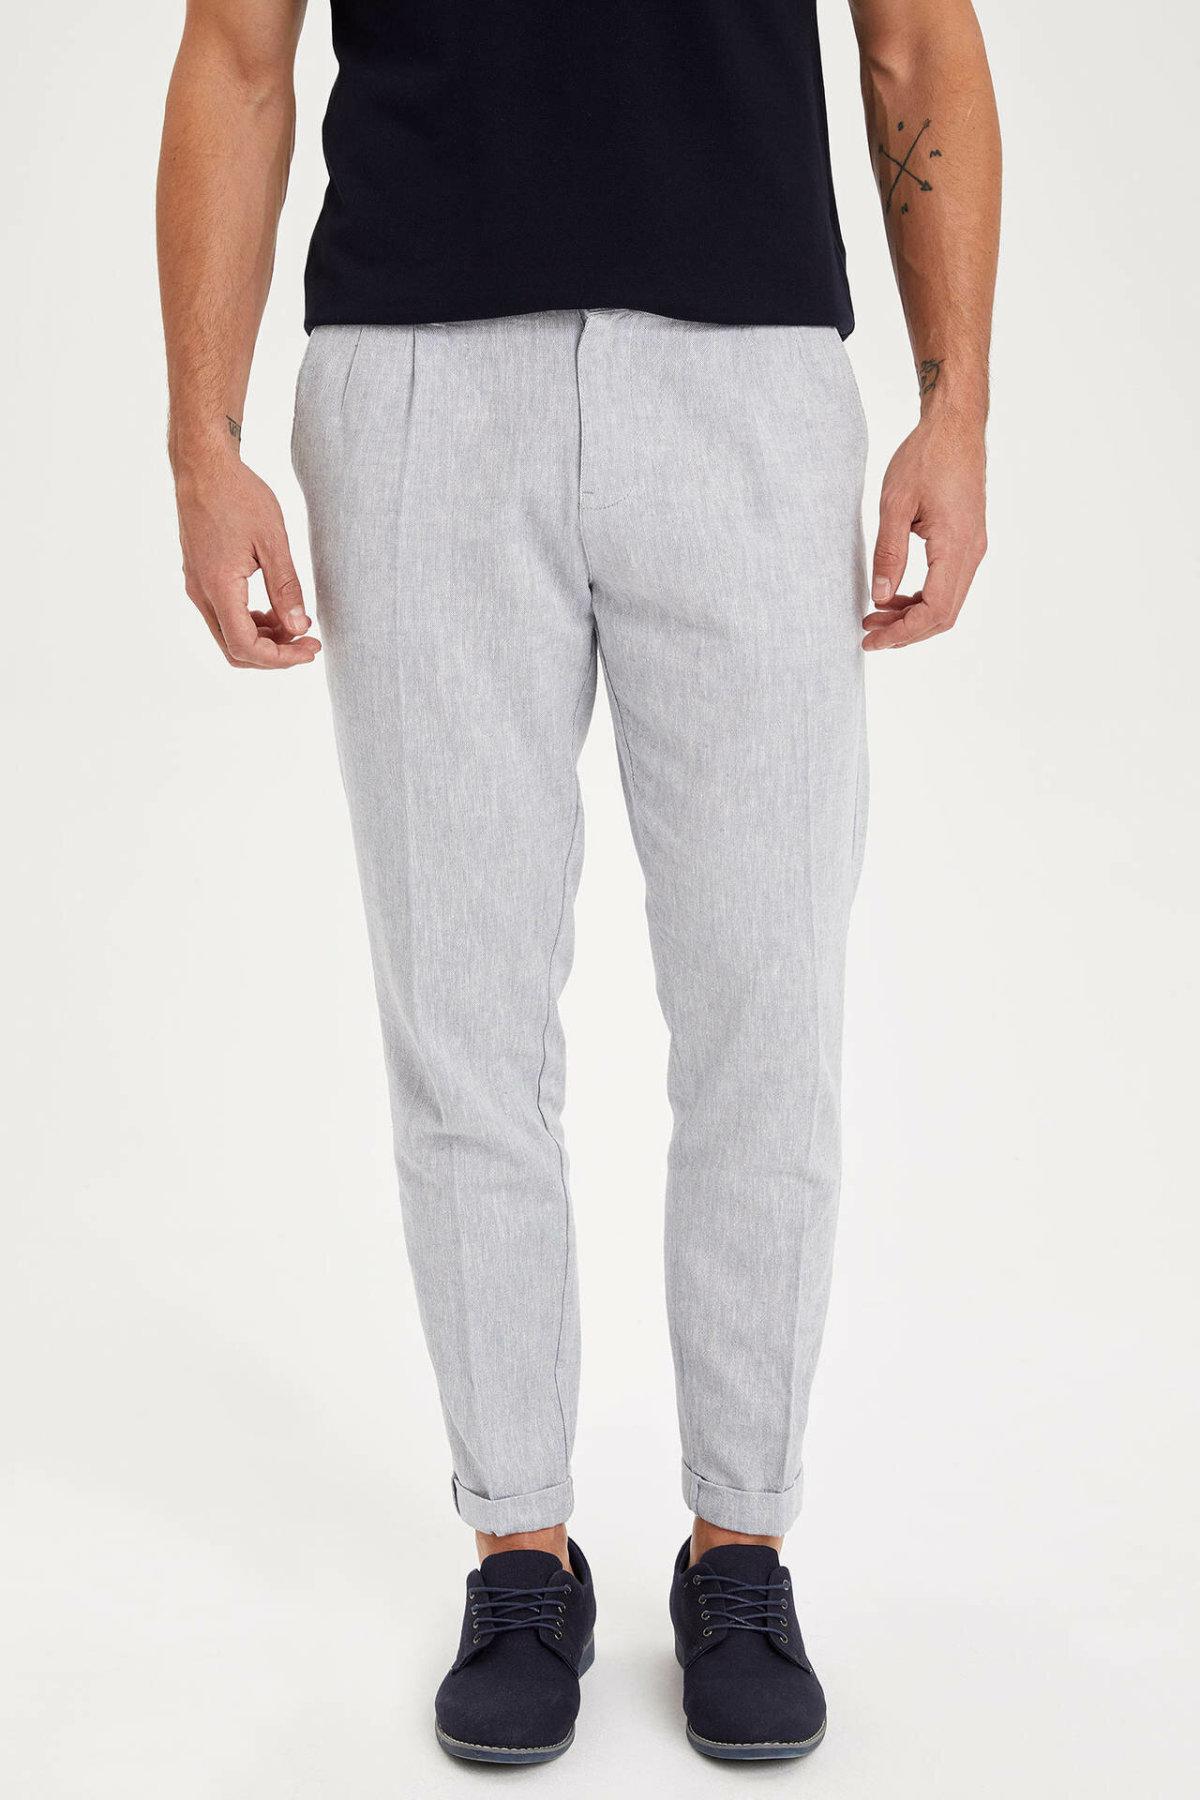 DeFacto Man Trousers-K3255AZ19SM